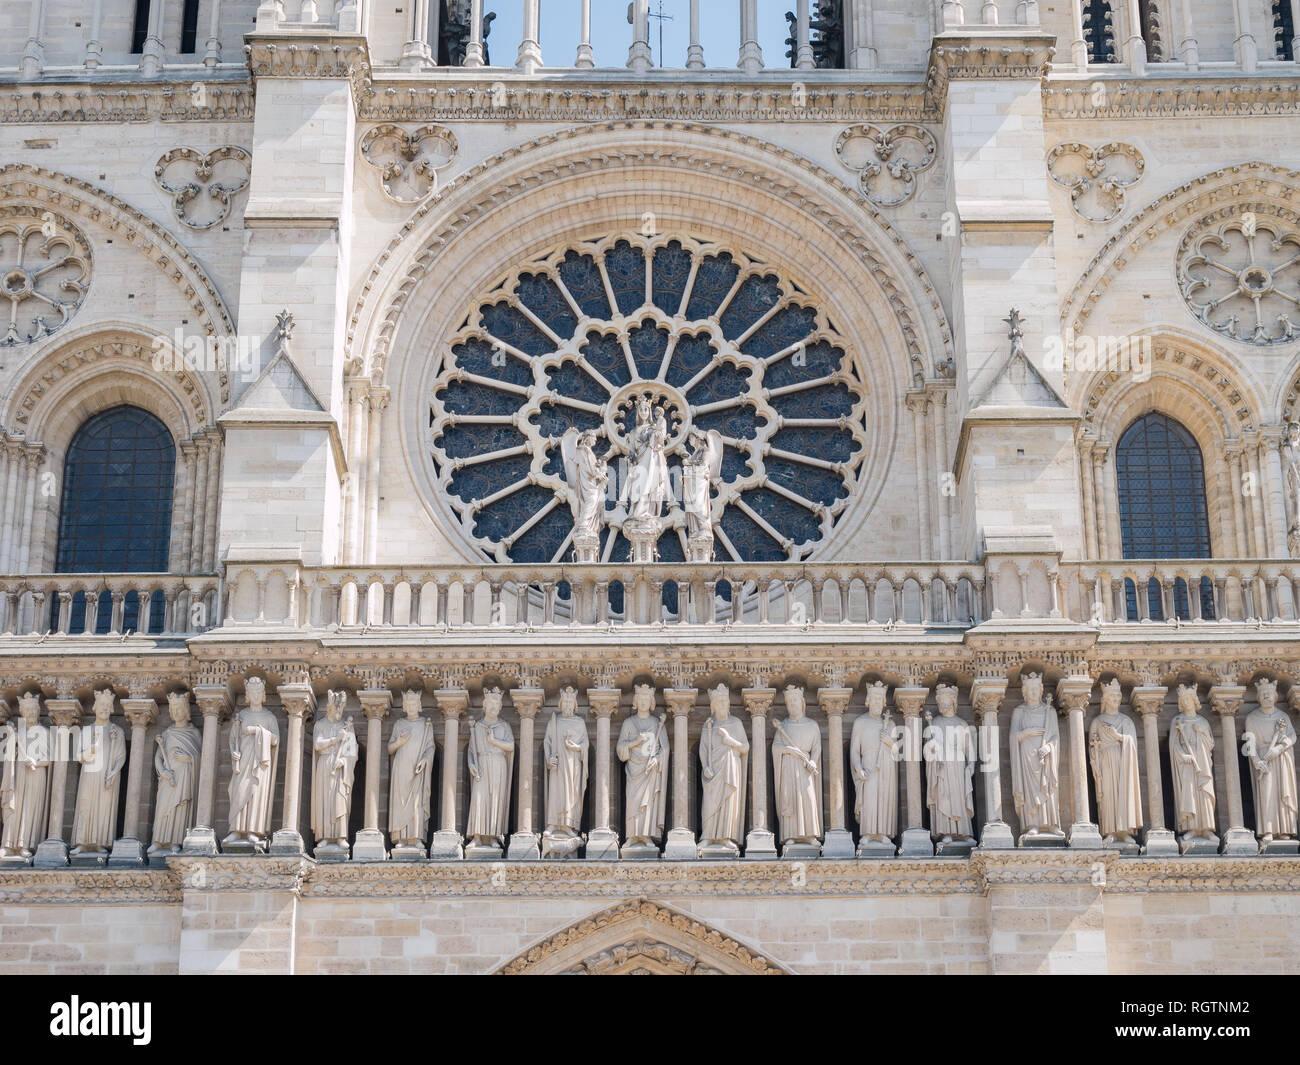 Exterior view of the famous Notre-Dame de Paris at Paris, France - Stock Image